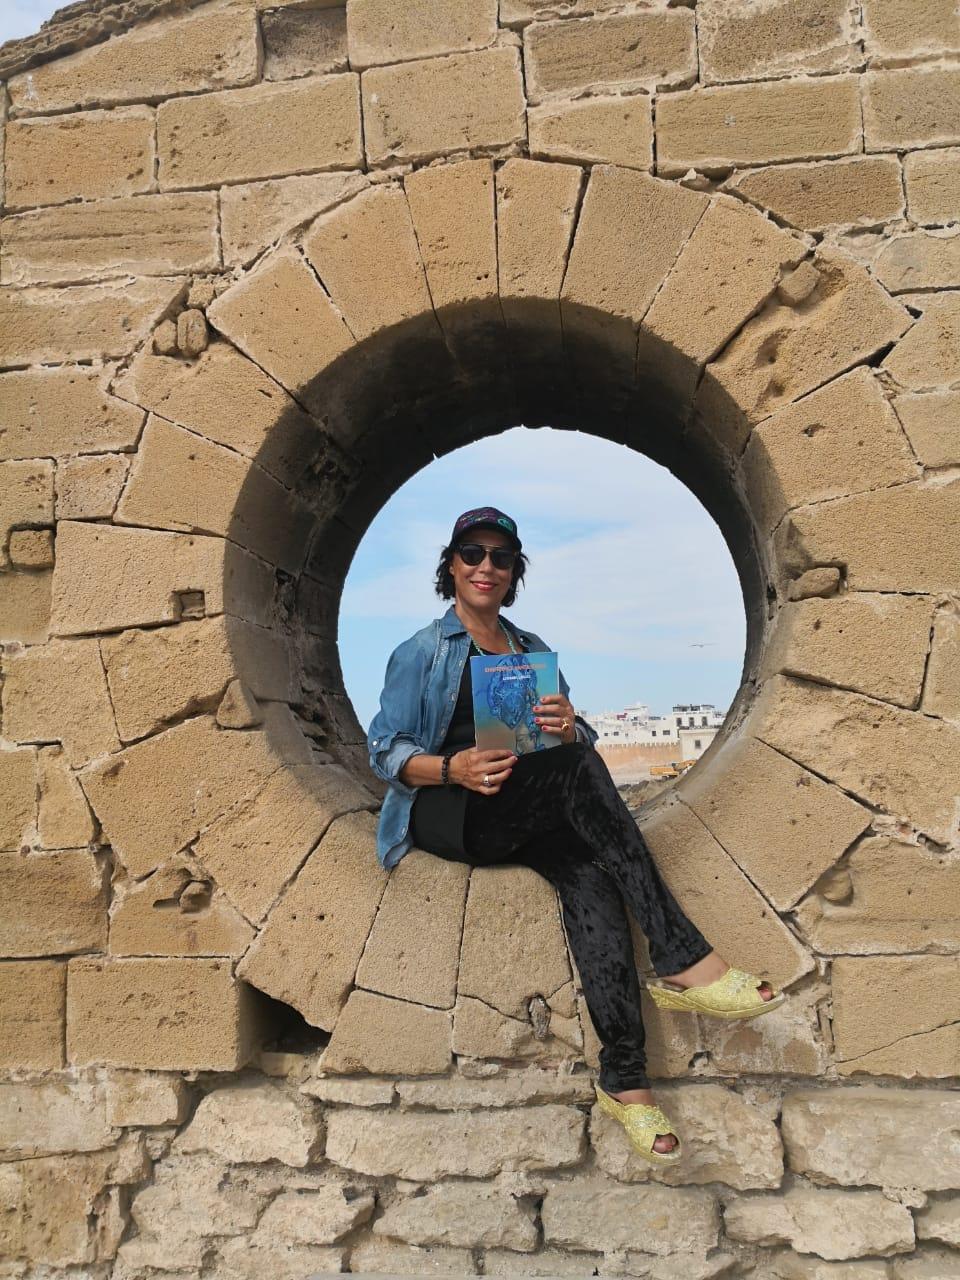 ترتيل الصور في أعمال لبابة لعلج… قاعة الطيب الصديقي برواق دار الصويري